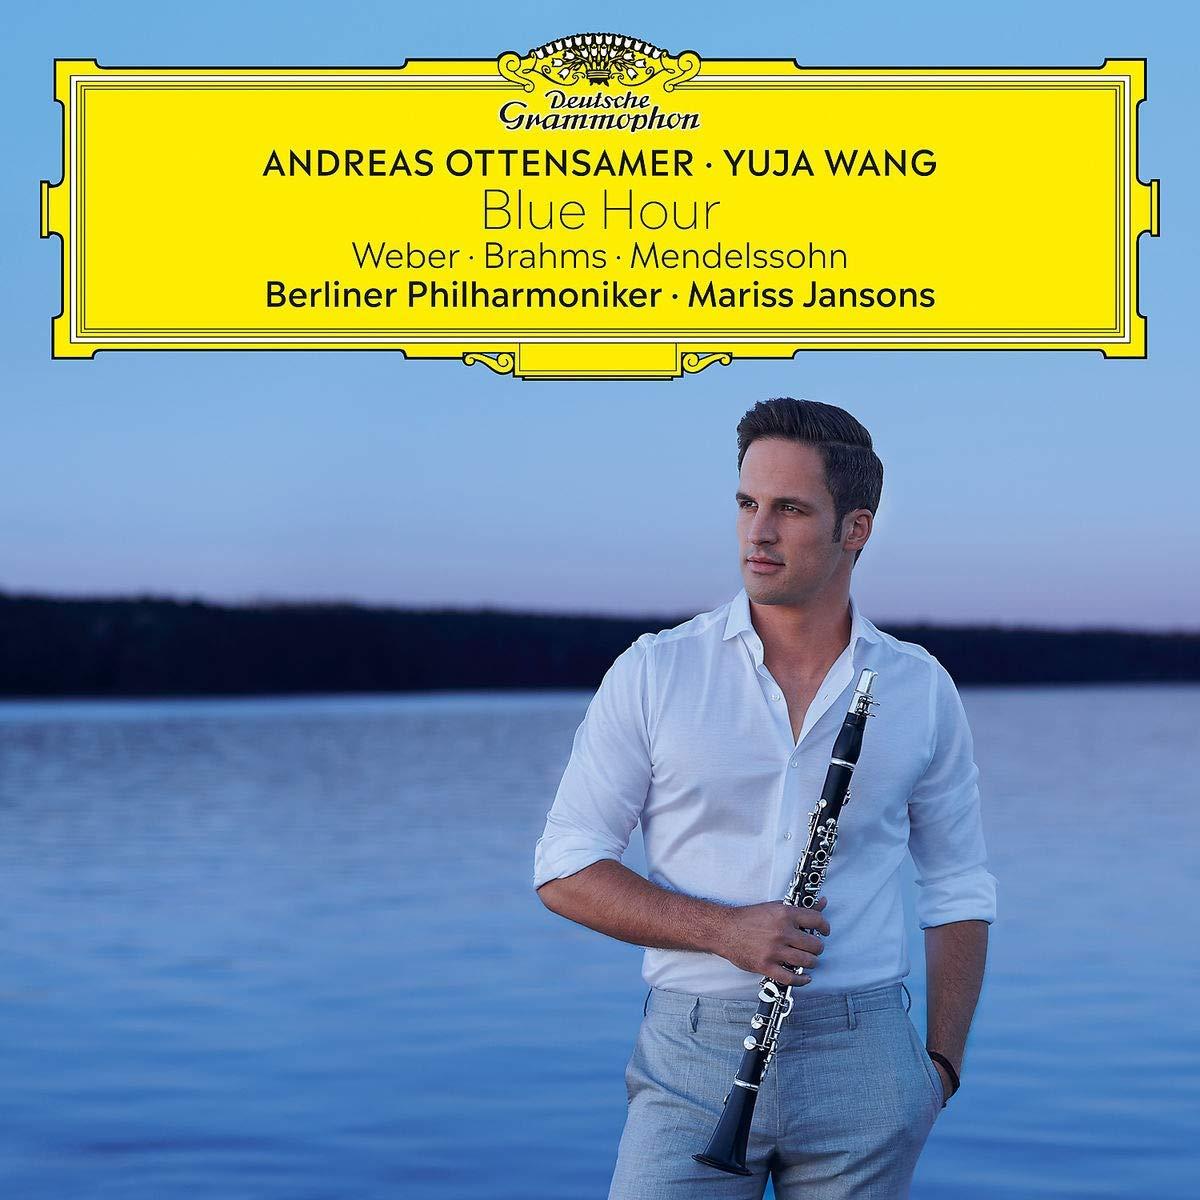 CD : ANDREAS OTTENSAMER/YUAJ WANG/MARISS JANSONS/BERLINER PHILH - Blue Hour (weber /  Brahms /  Mendelssohn)